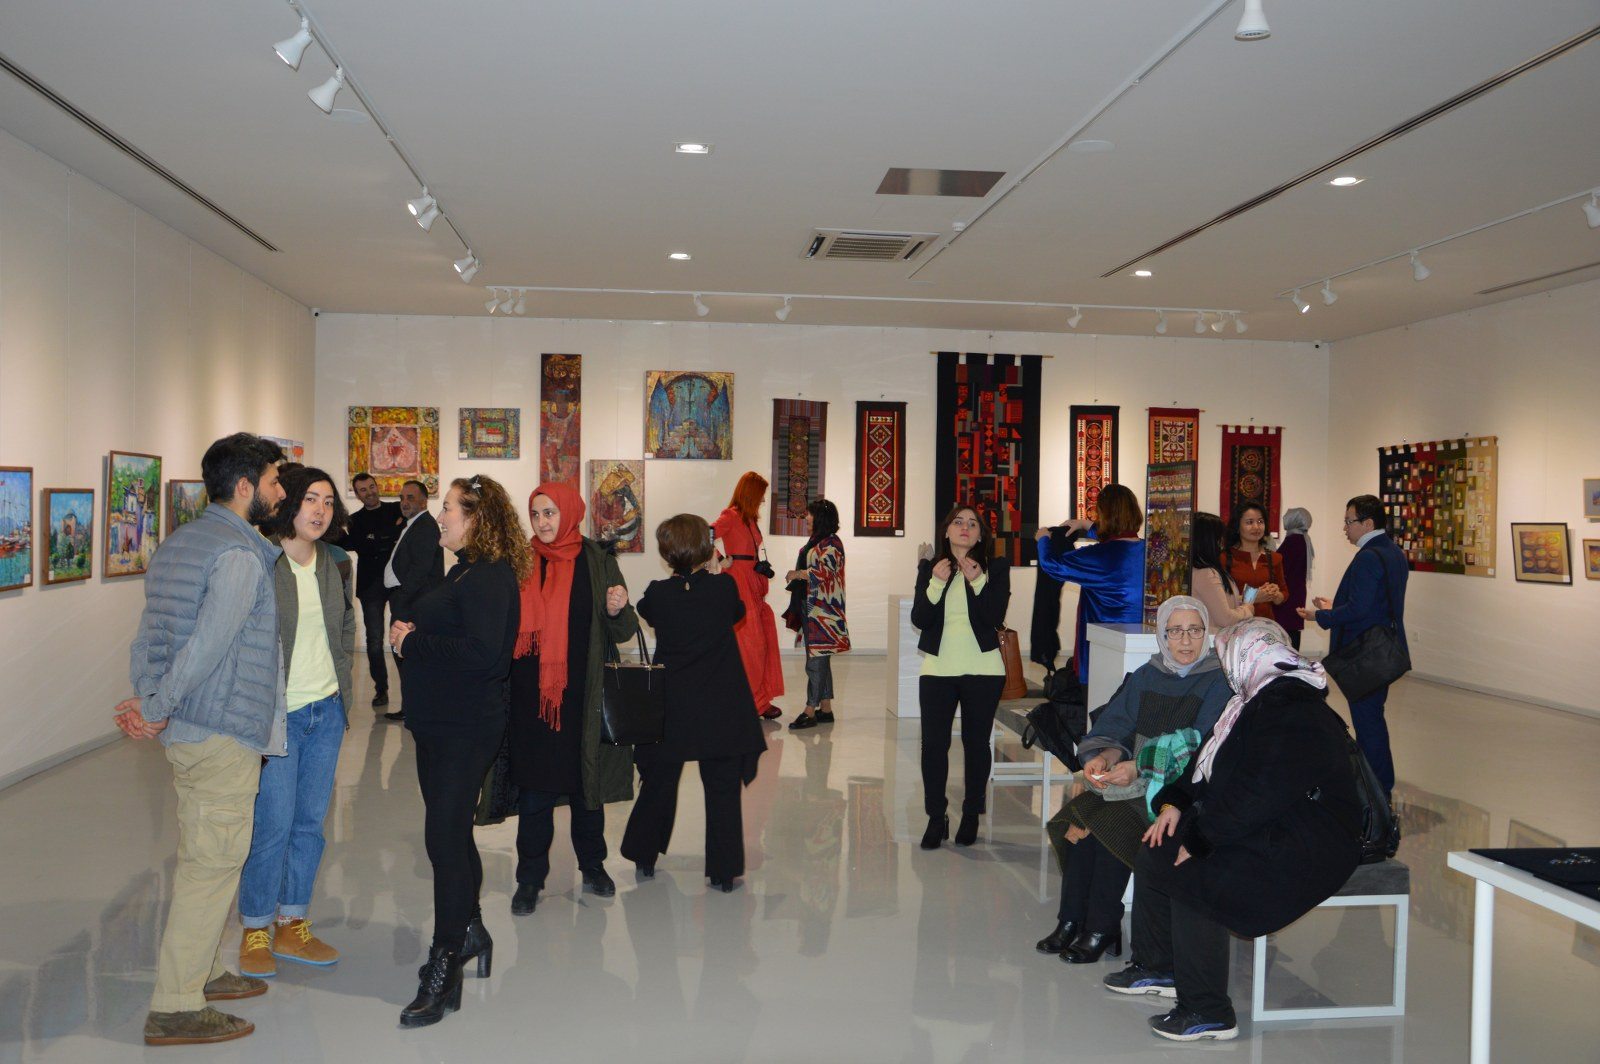 Türk Dünyasından Kadın Sanatçılar İstanbul'da Buluştu Galeri - 18. Resim